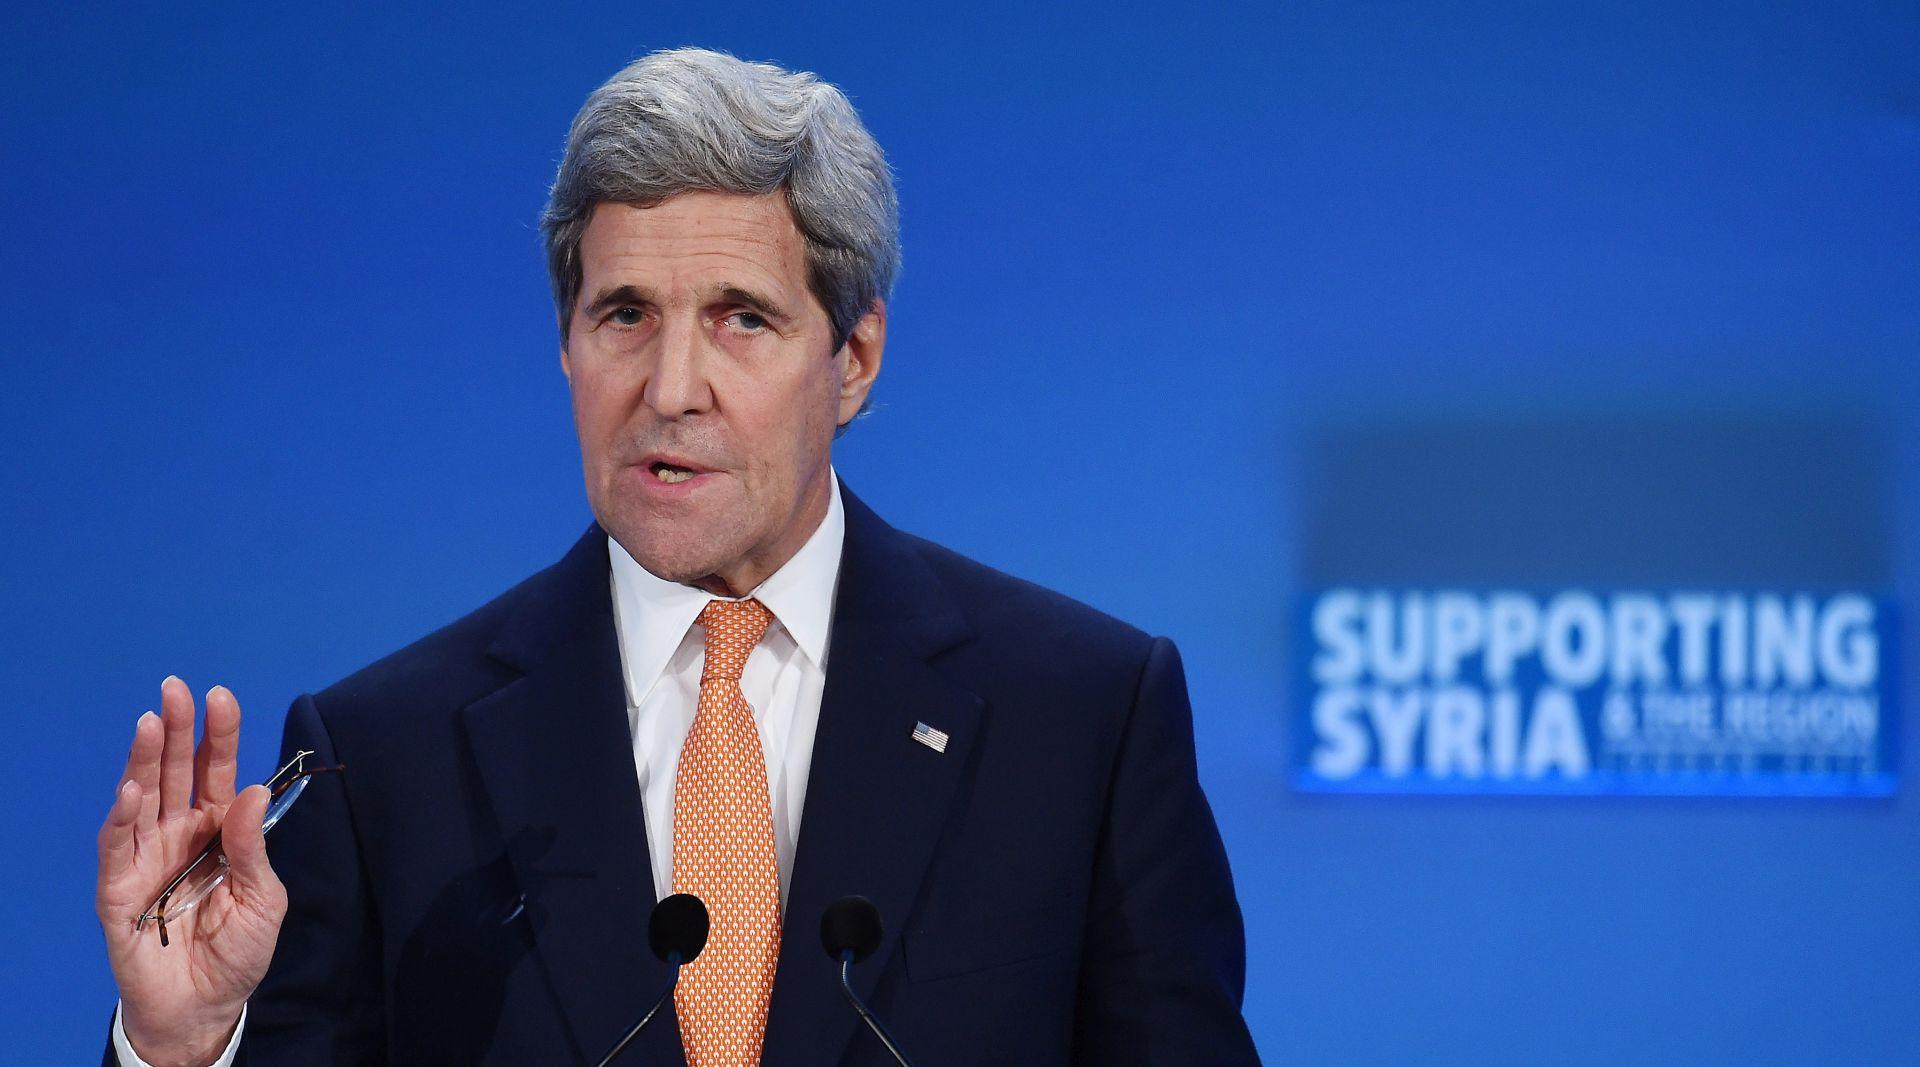 ZRAČNA KONTROLA: Kerry upozorava Kinu da ne militarizira Južno kinesko more